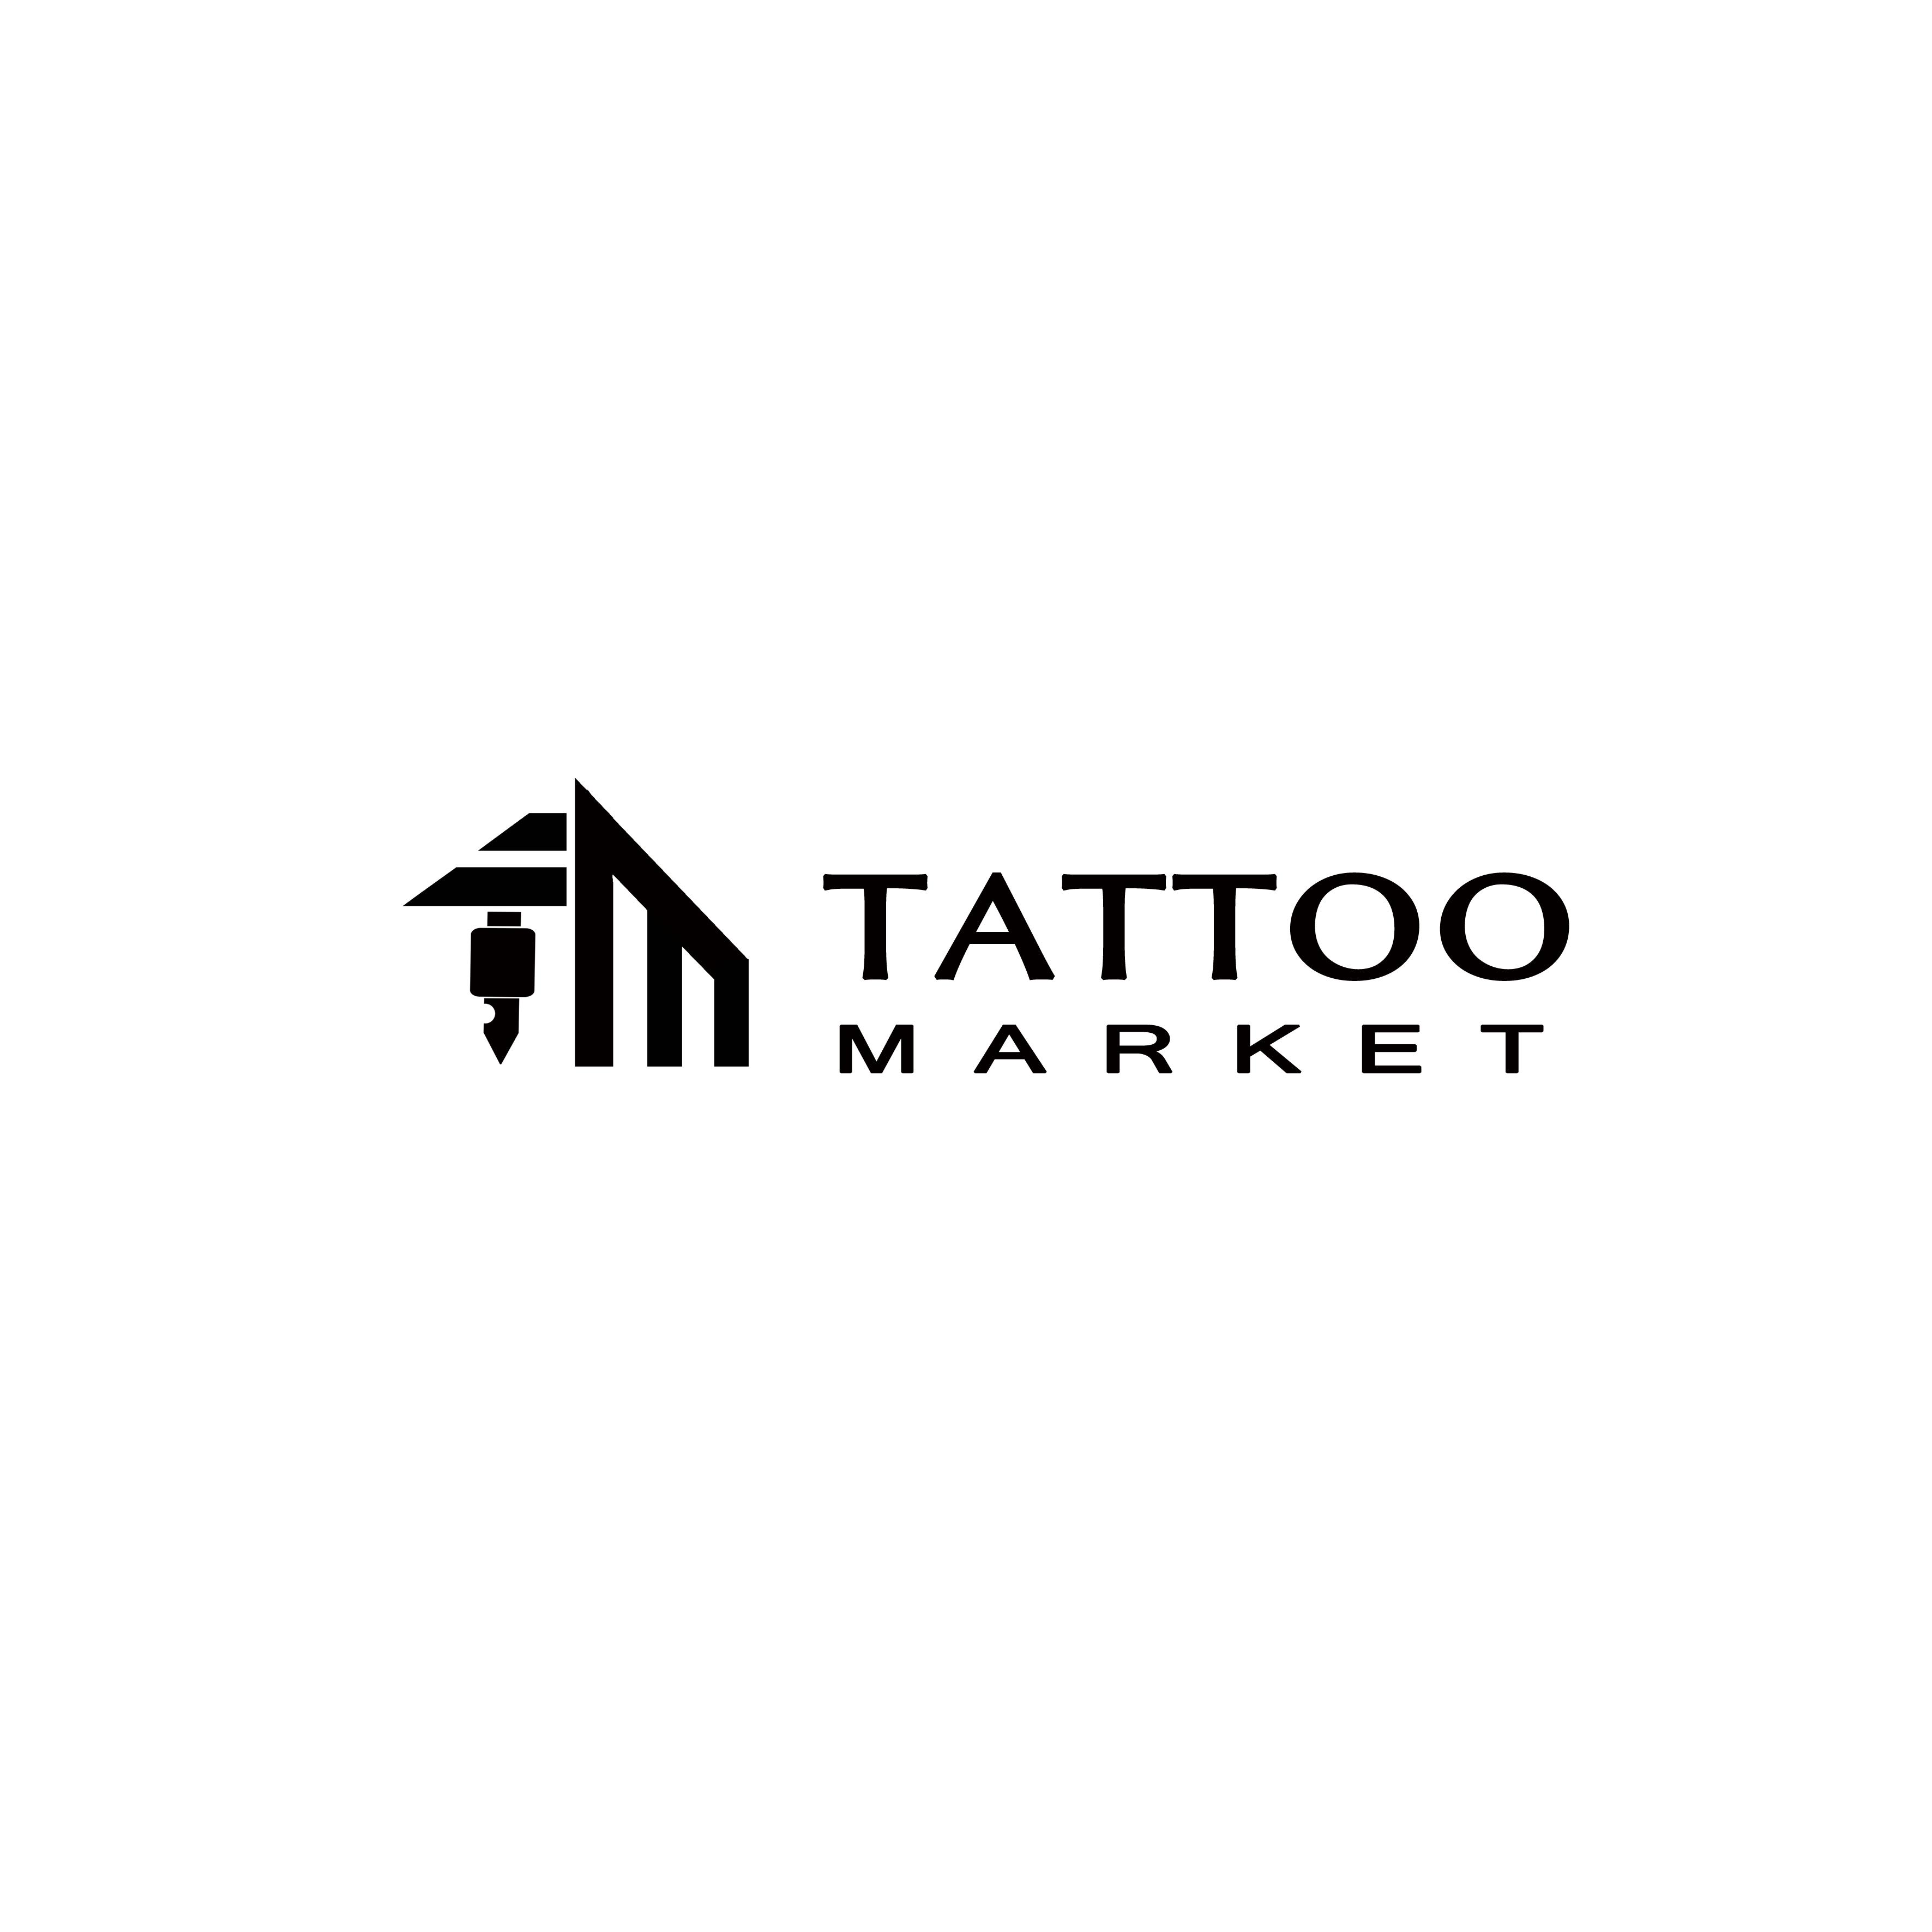 Редизайн логотипа магазина тату оборудования TattooMarket.ru фото f_5605c40b37f3978b.jpg